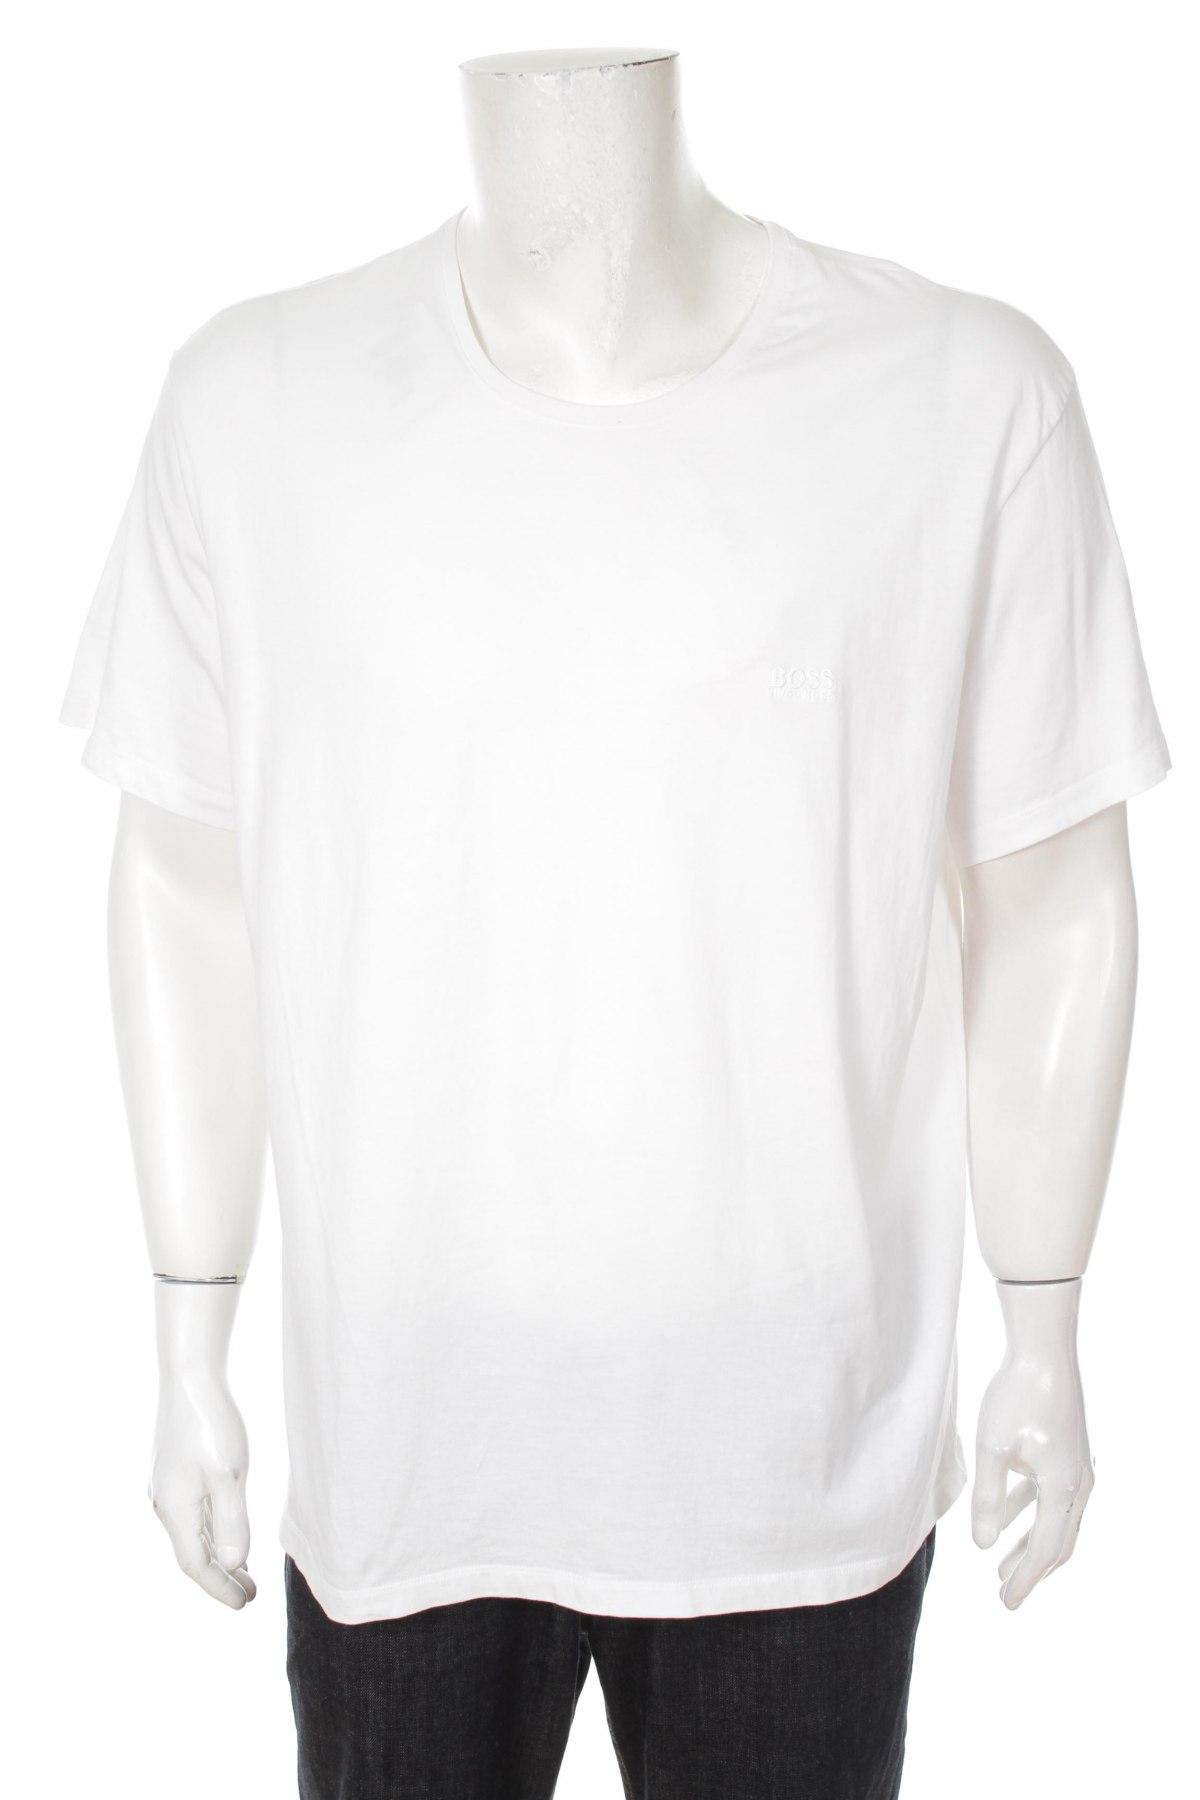 Pánske tričko Hugo Boss - za výhodnú cenu na Remix -  8254038 f5348e44ea